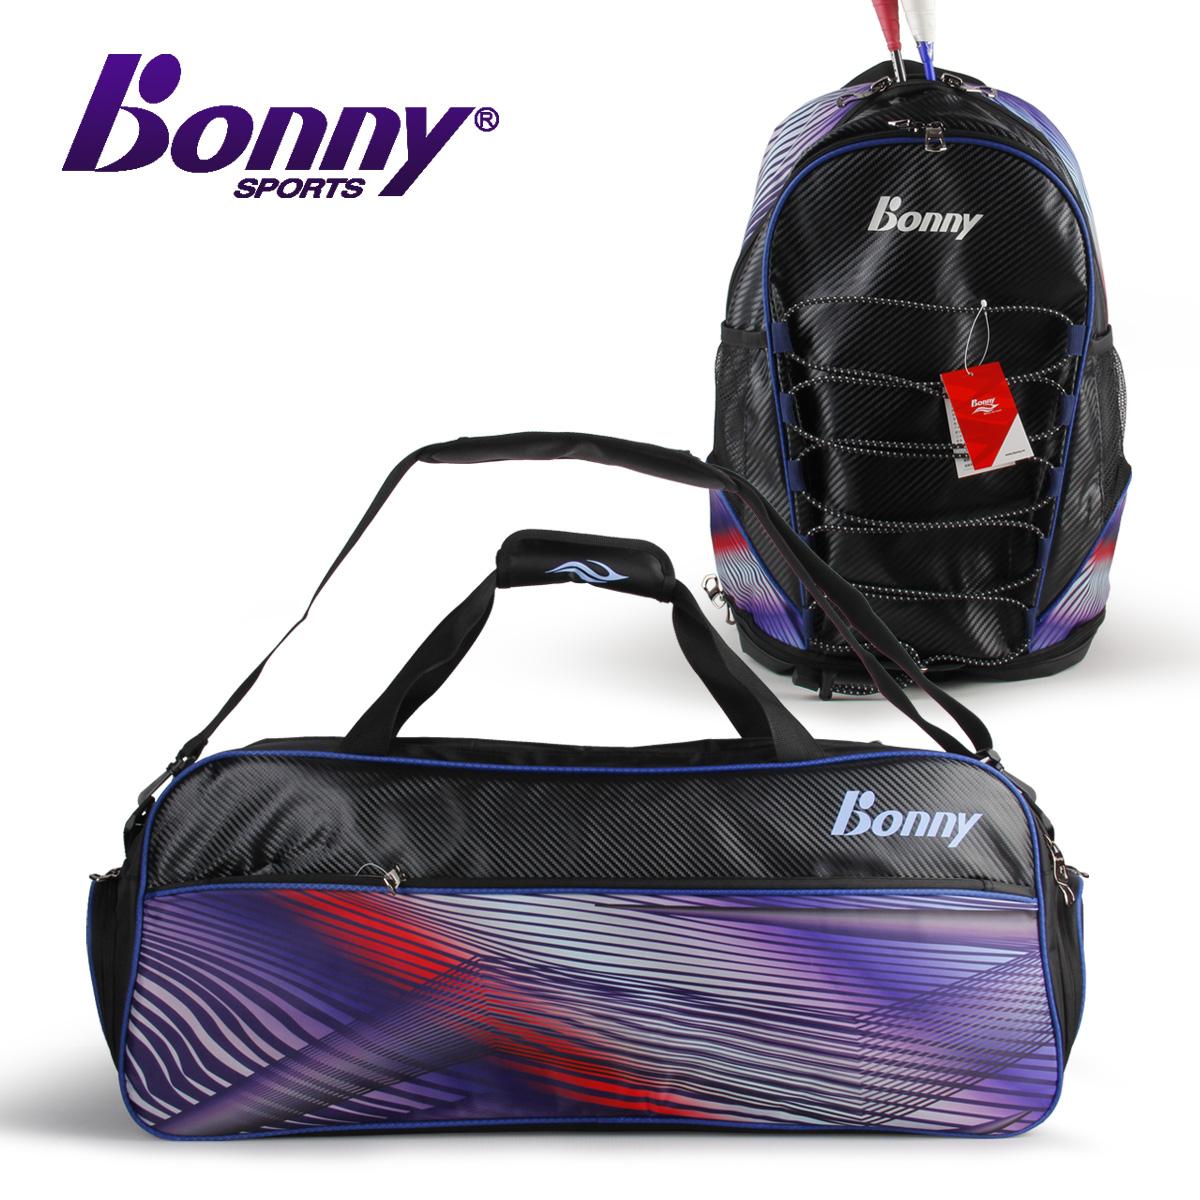 新款bonny波力羽毛球包方形包双肩背包男女6支装网球包单肩背包